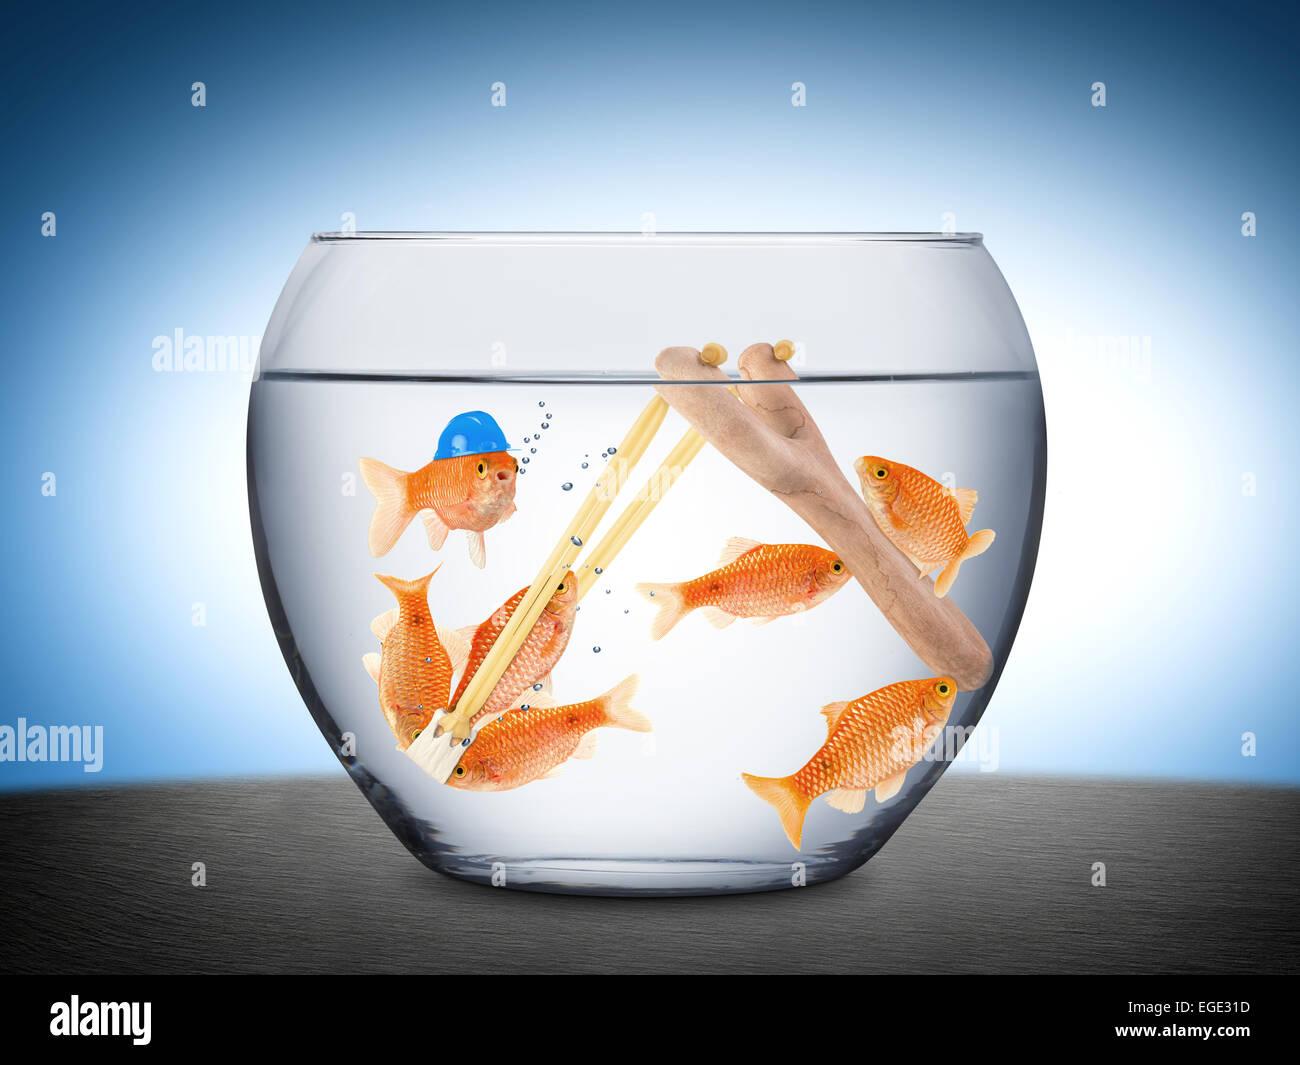 Fische mit Steinschleuder im Goldfischglas - Stock Image